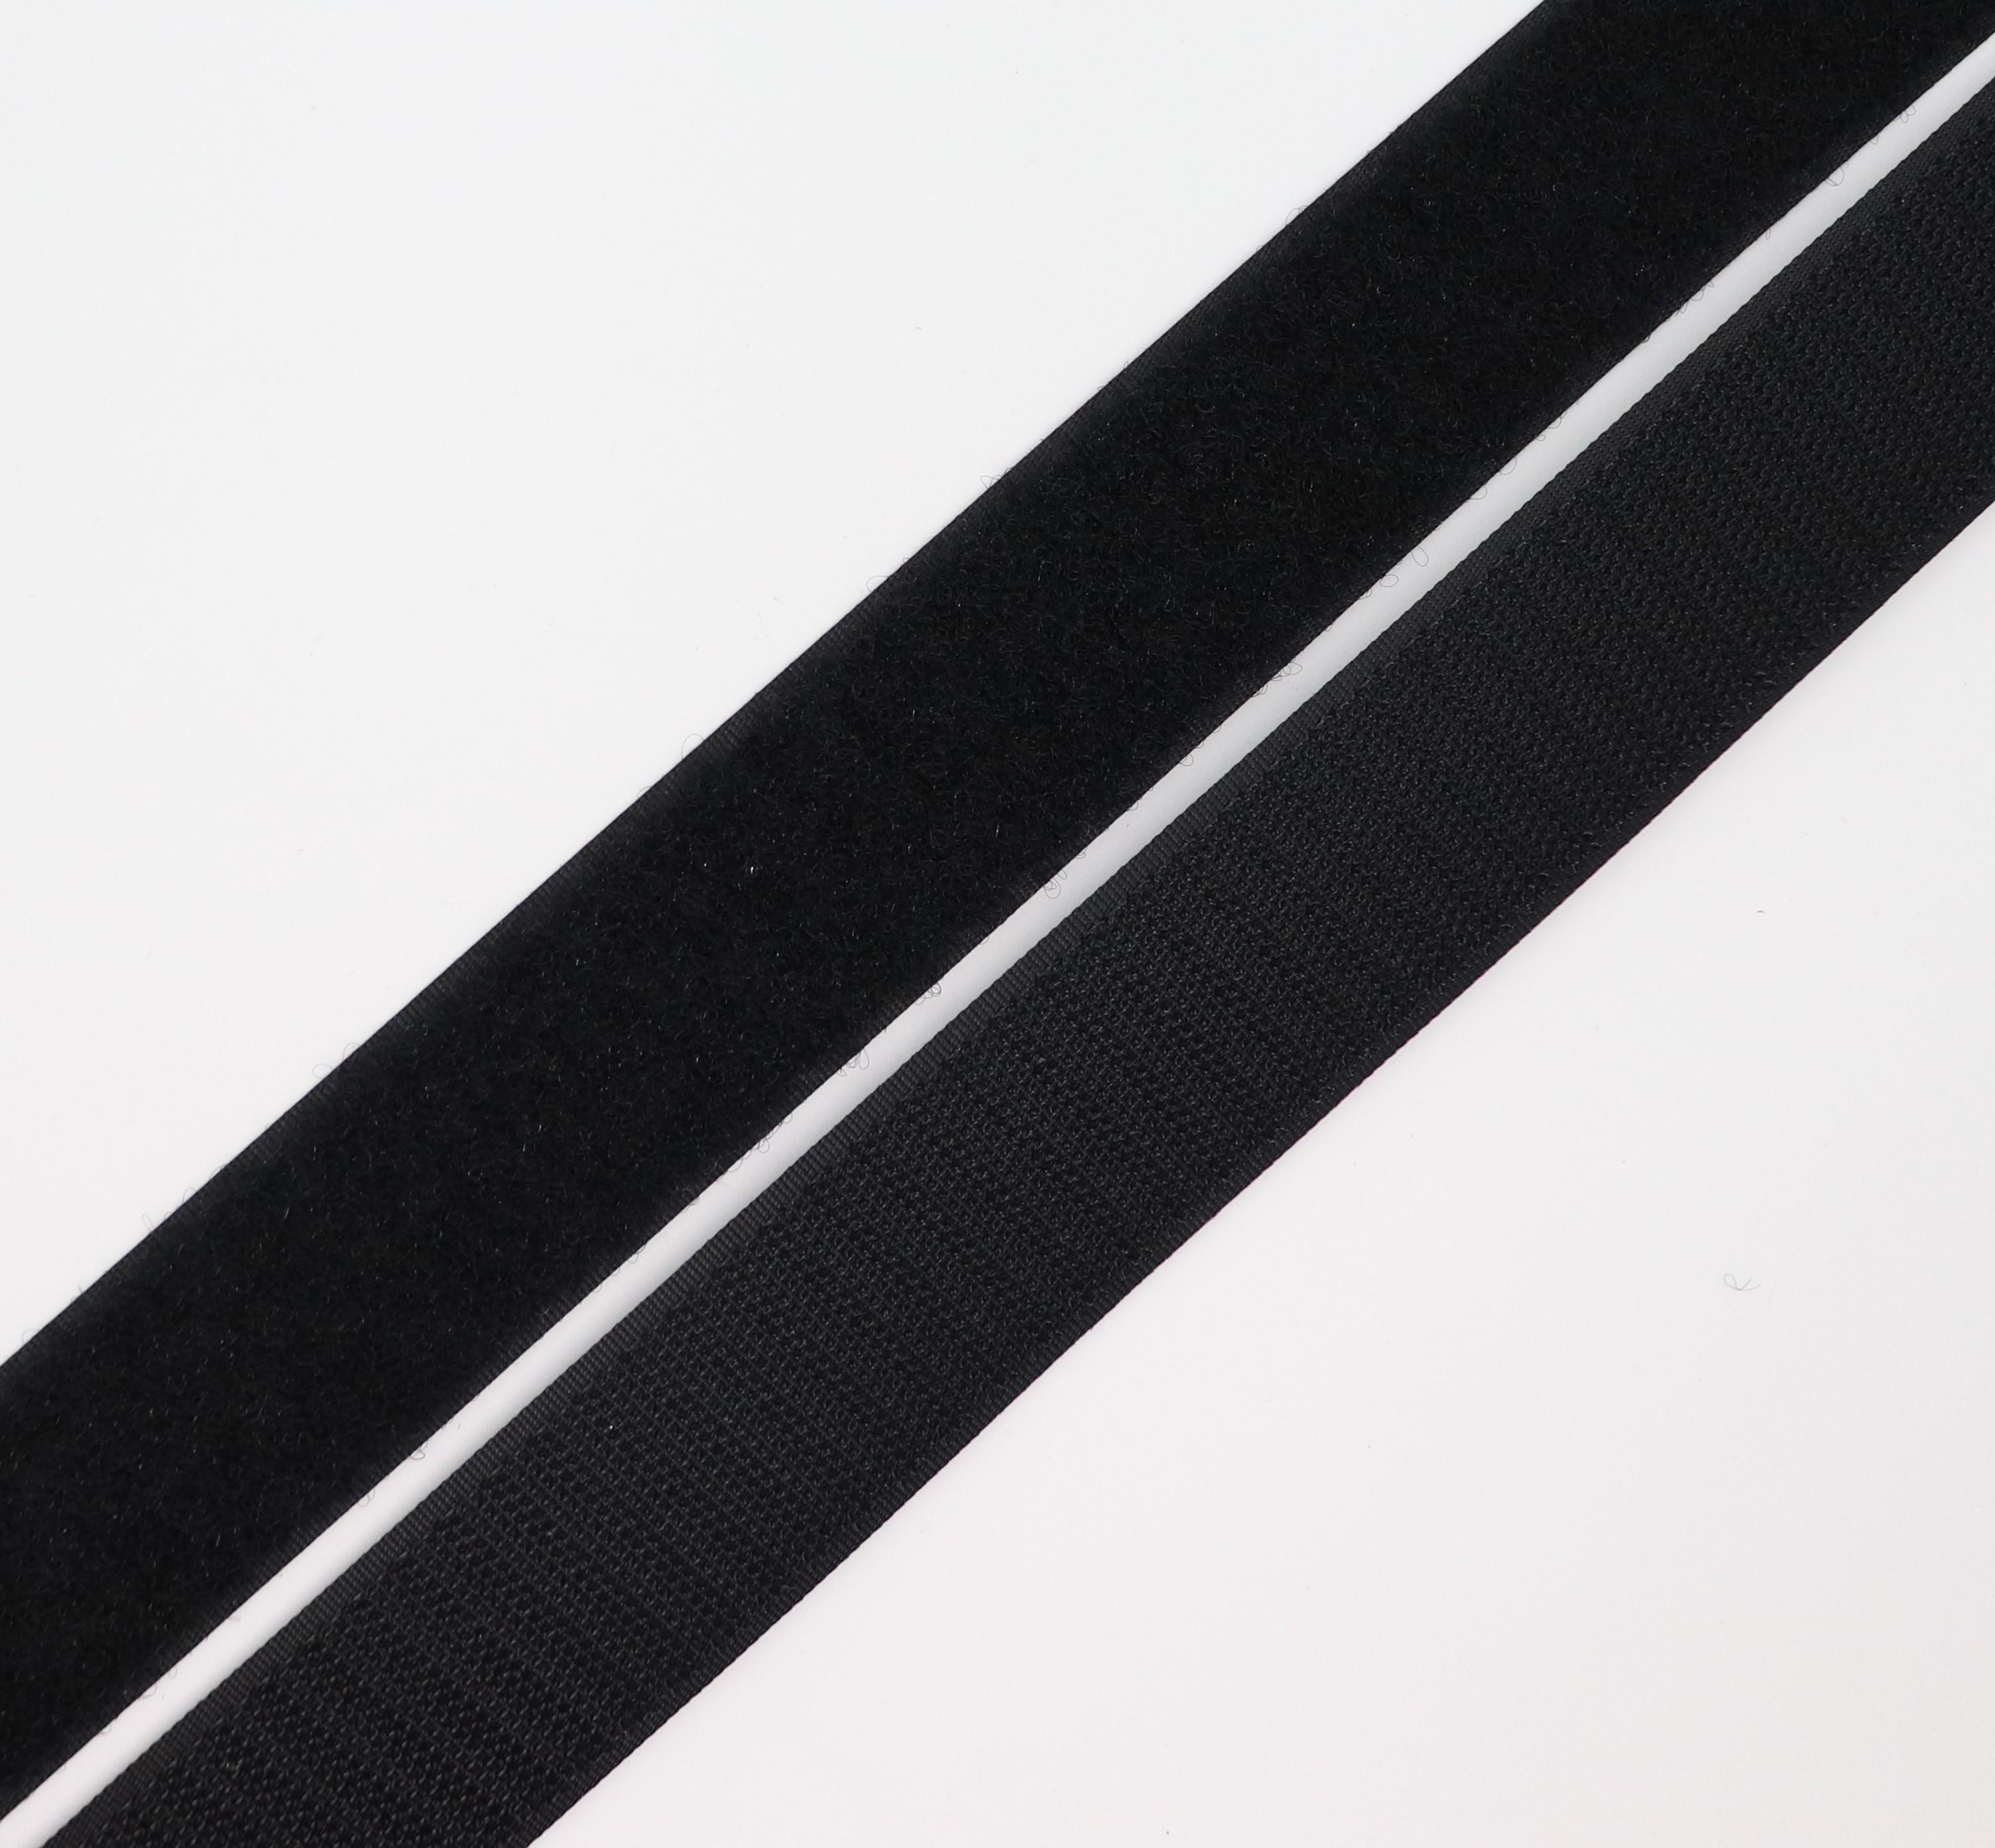 Suchý zip háèek + plyš 30 mm - zvìtšit obrázek